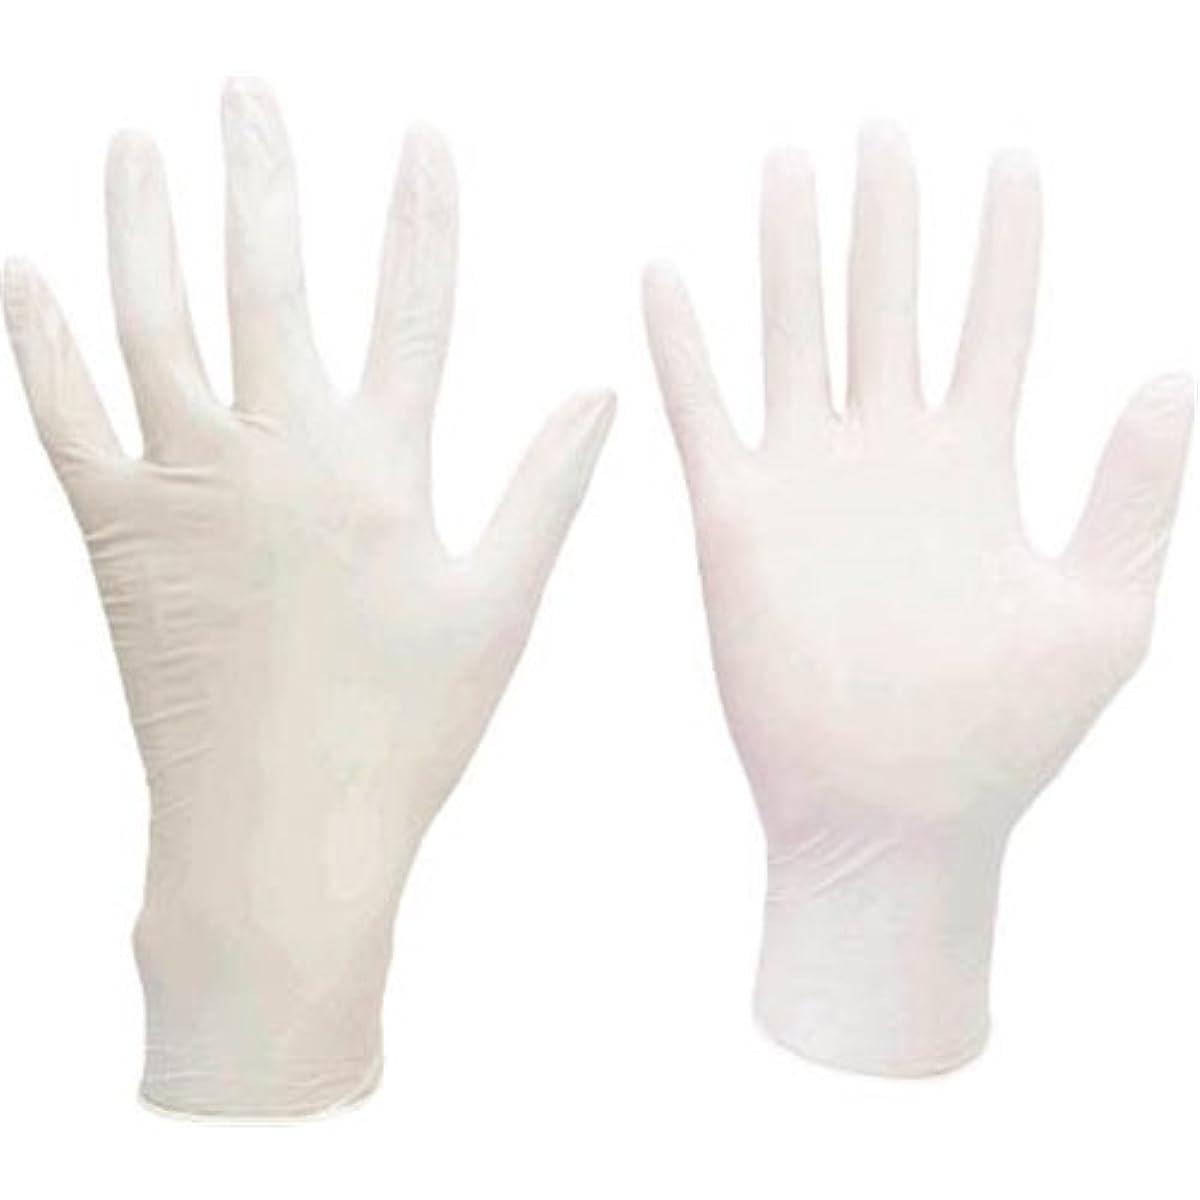 案件旅行処方ミドリ安全/ミドリ安全 ニトリル使い捨て手袋 極薄 粉なし 100枚入 白 M(3889084) VERTE-711-M